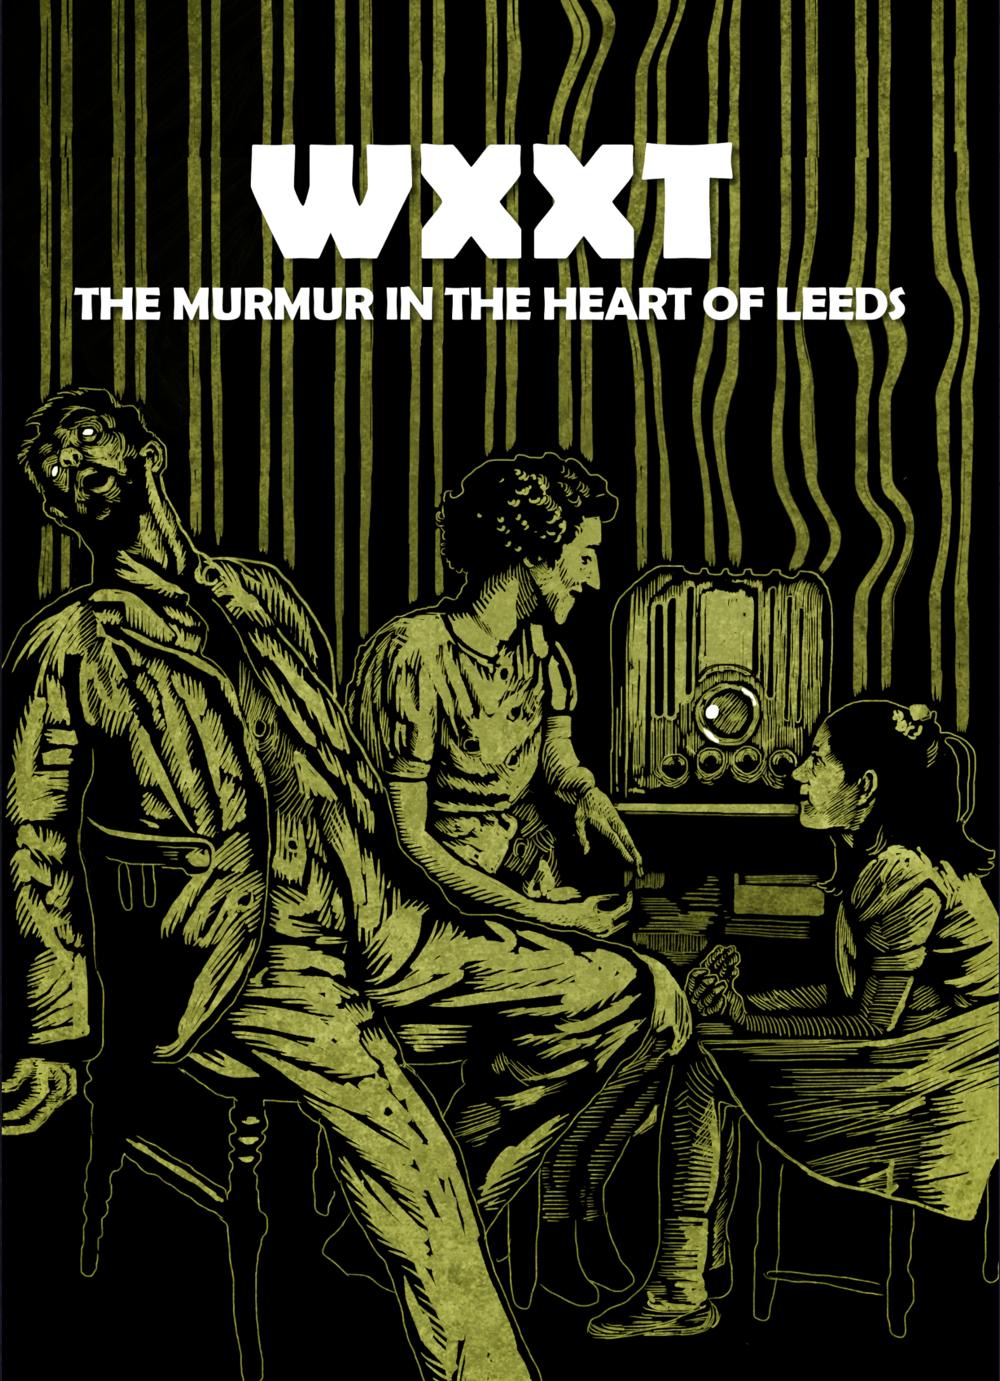 WXXT promo postcard (2016)